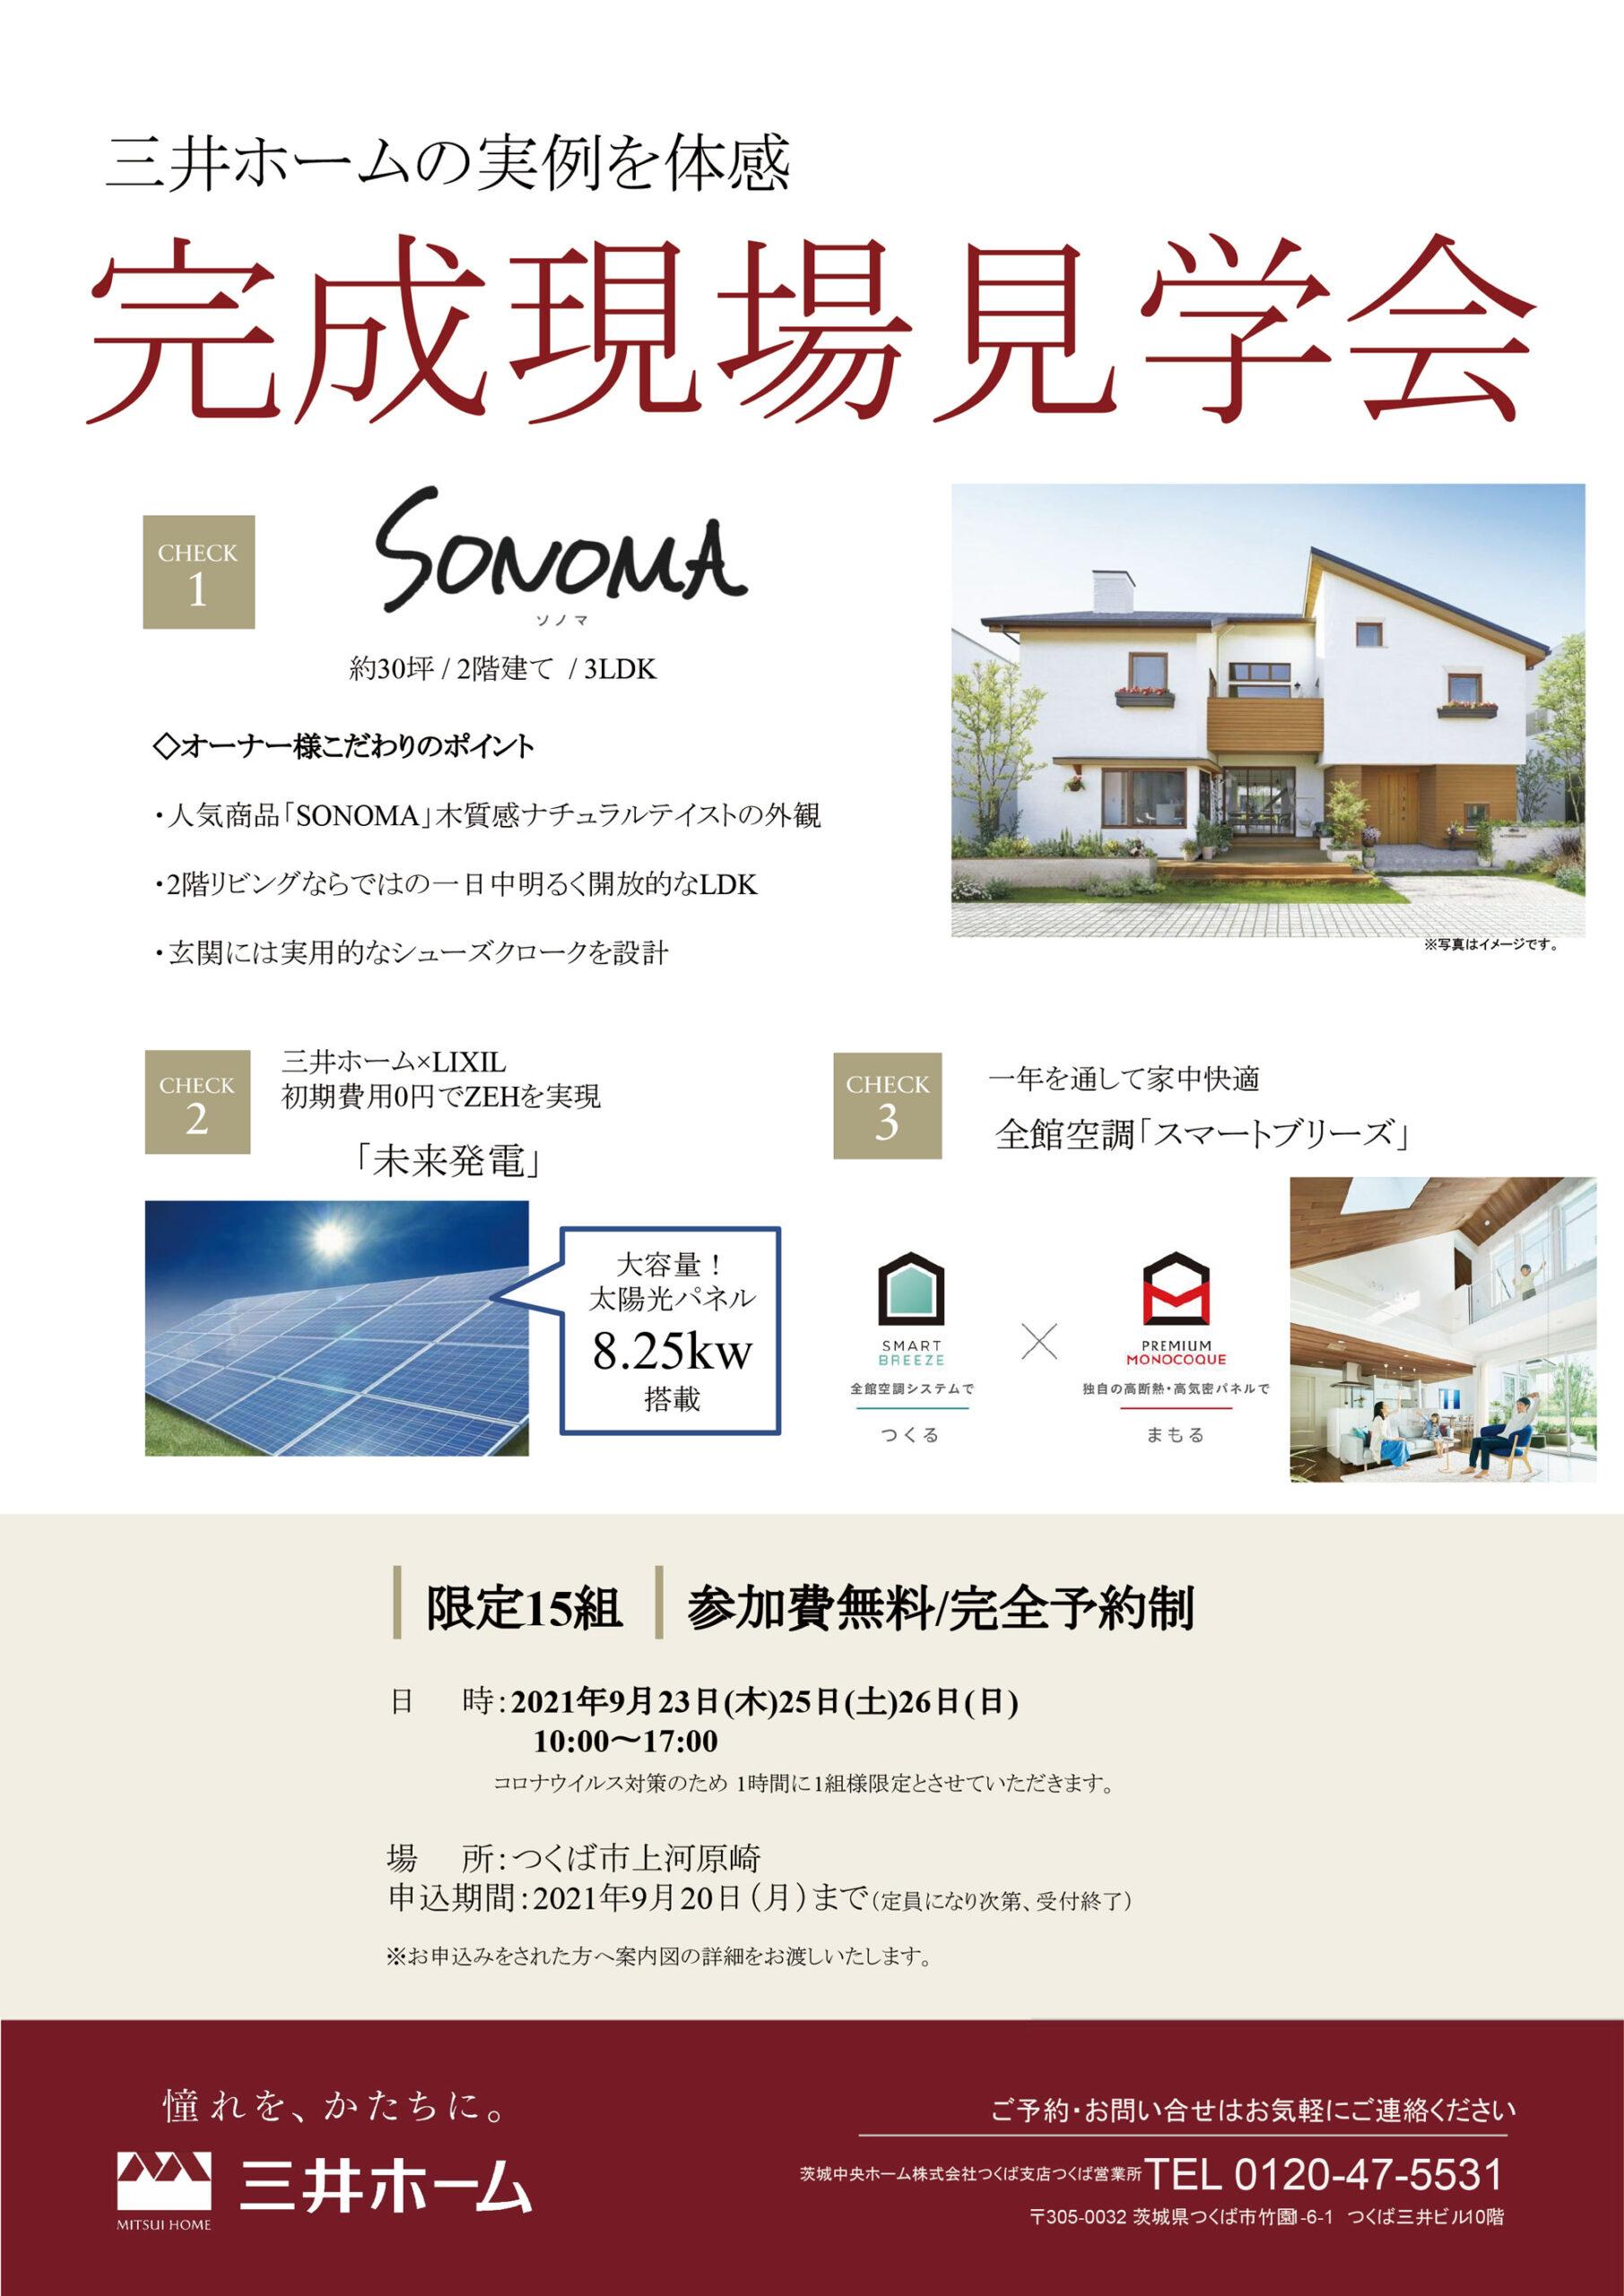 <三井ホーム>完成現場見学会【つくばハウジングパークANNEX】